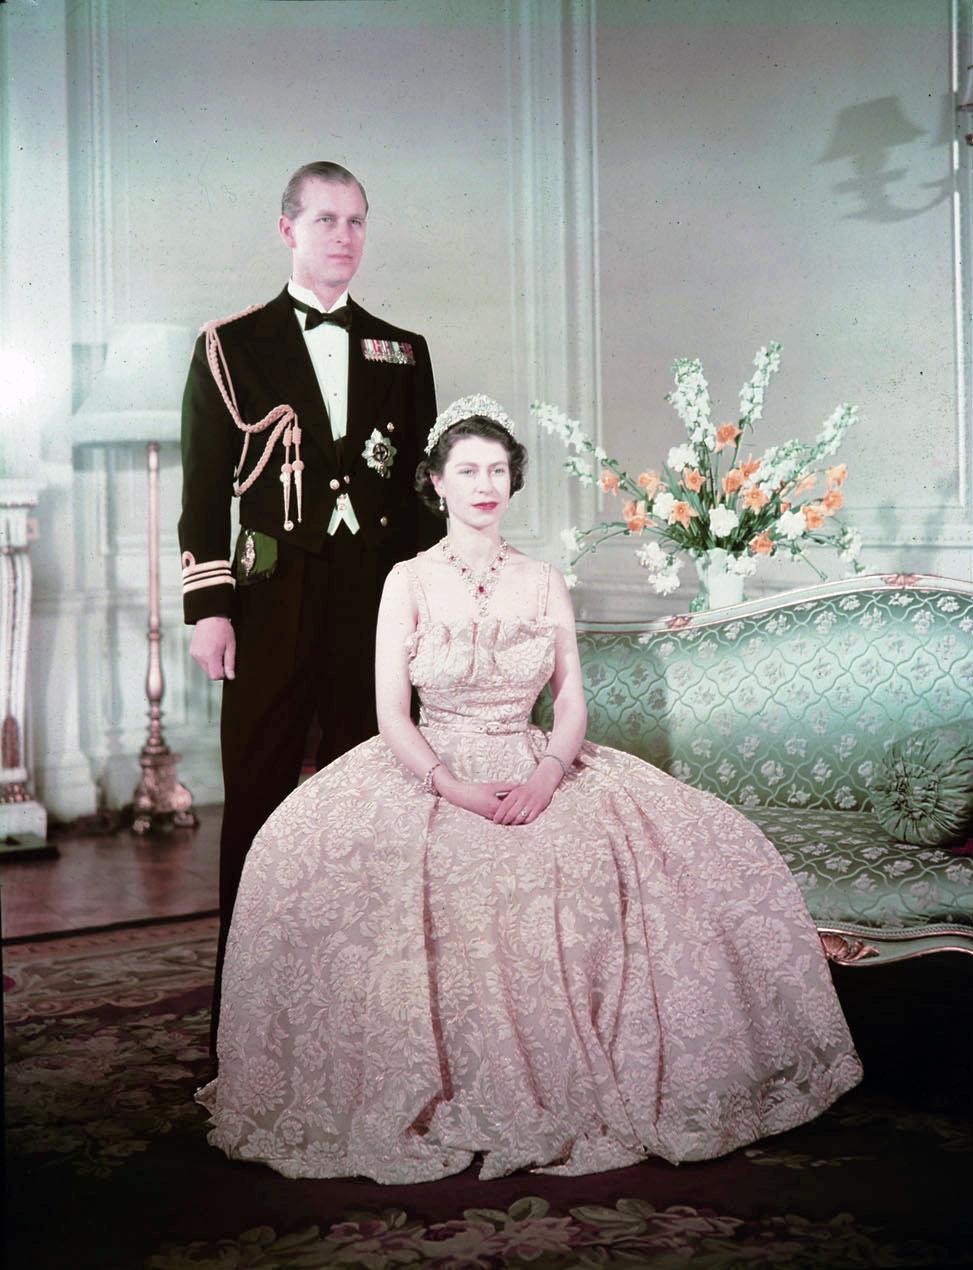 https://upload.wikimedia.org/wikipedia/commons/e/ed/Elizabeth_II_and_Philip.jpg